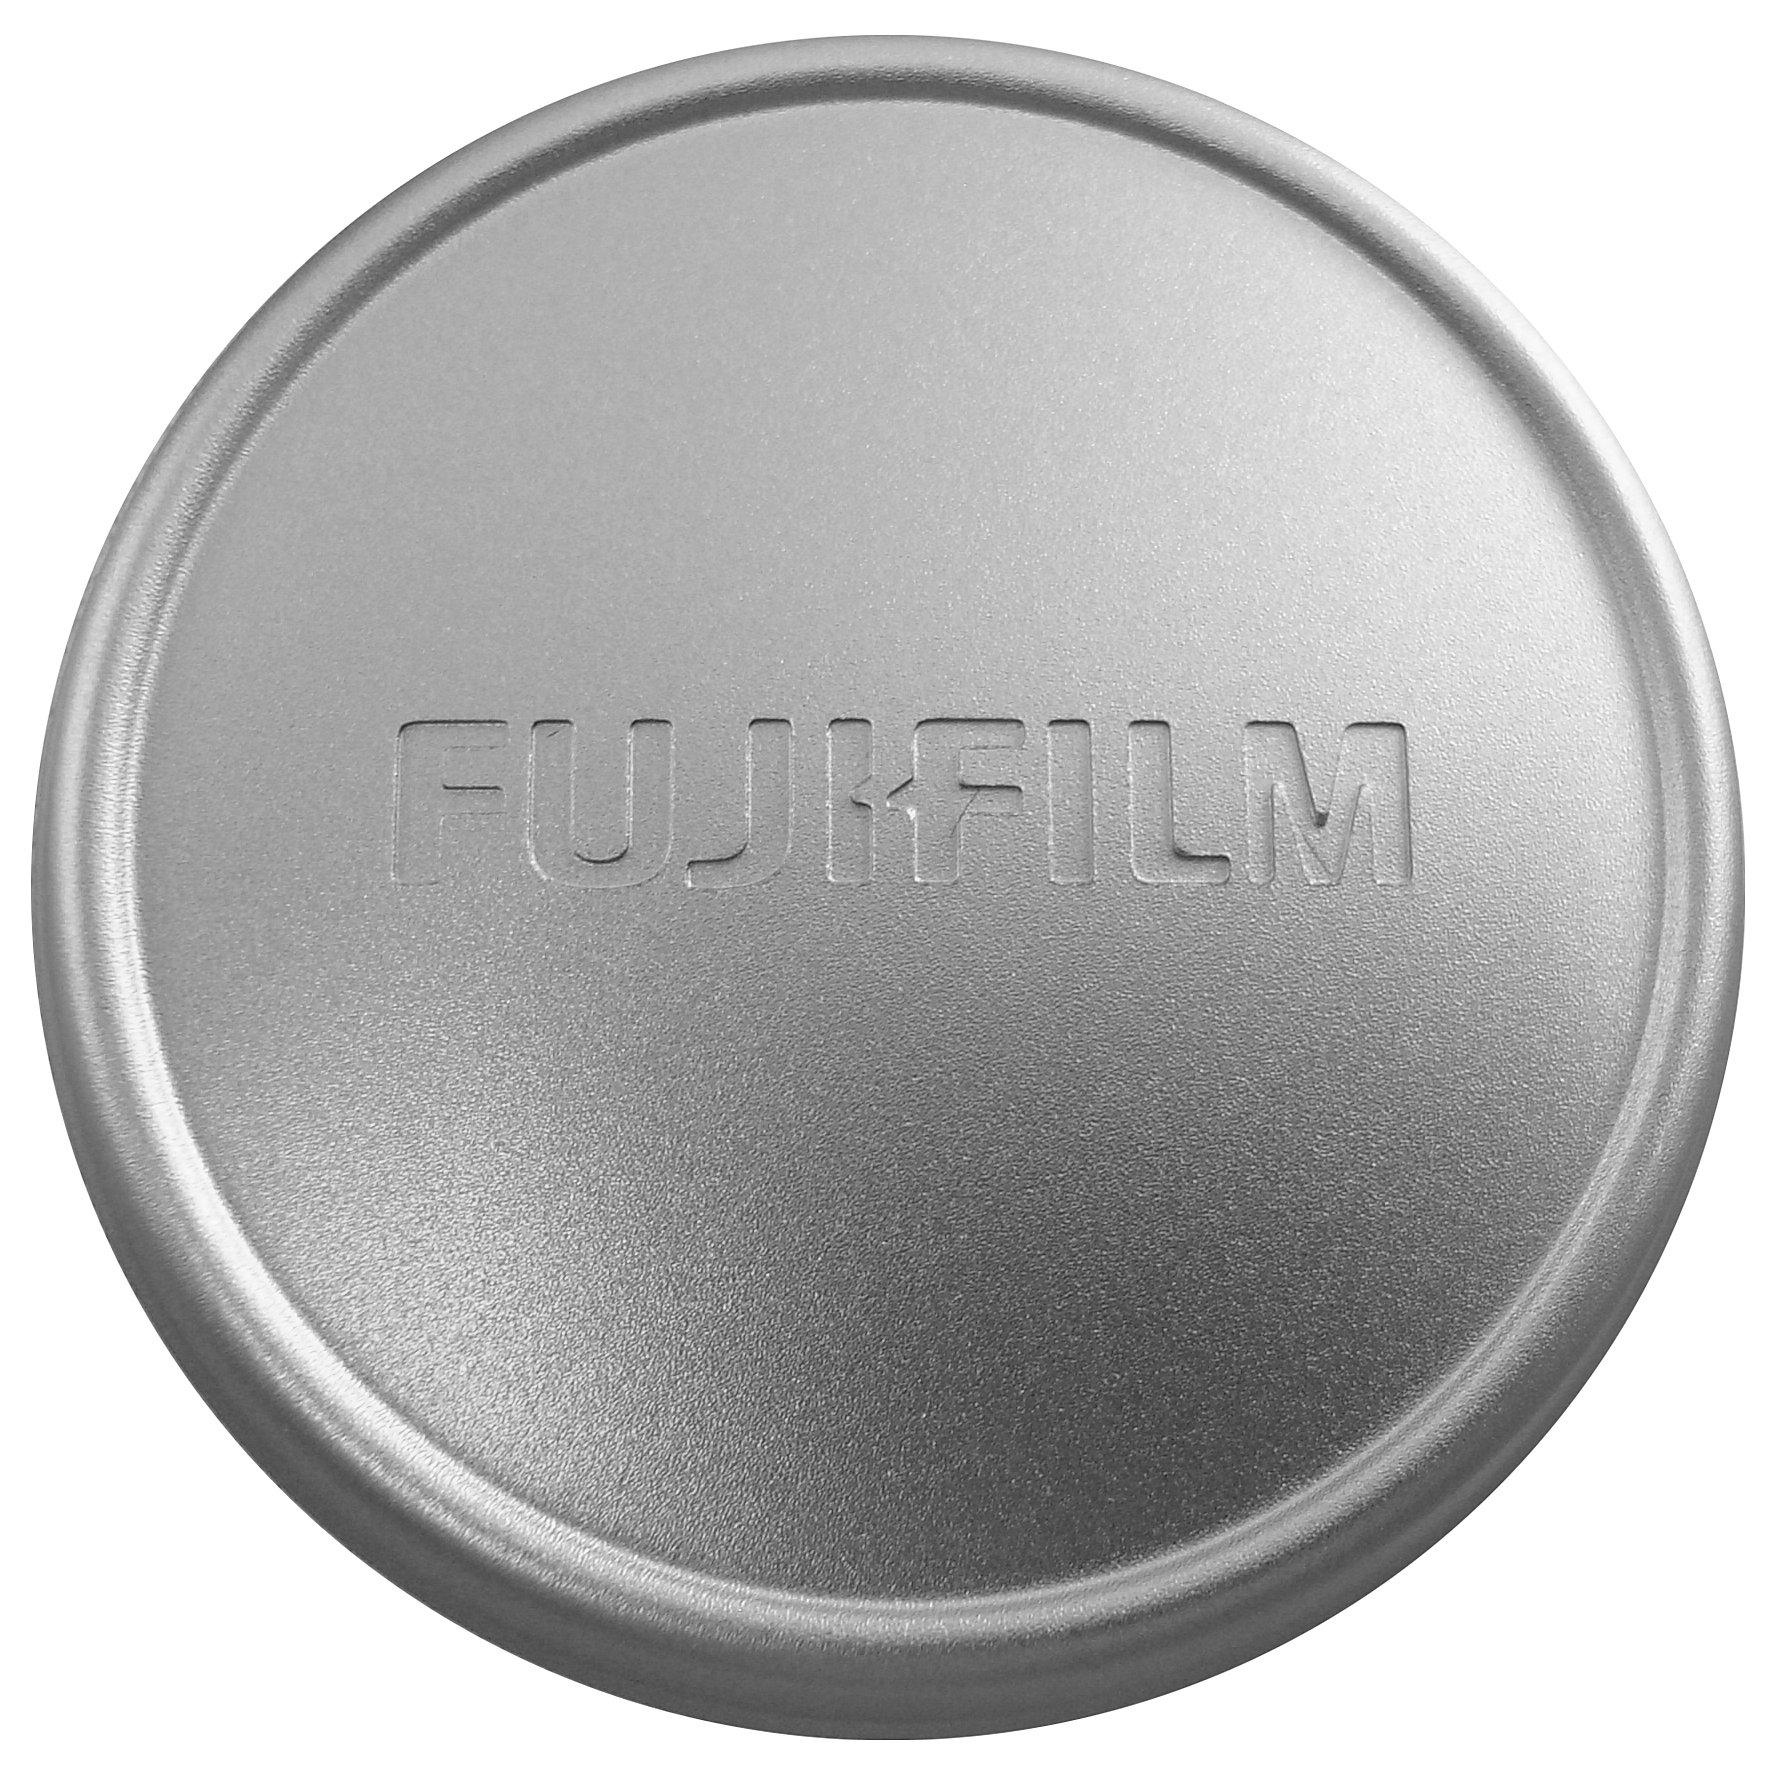 FUJIFILM krytka pro X20/X30 stříbrná